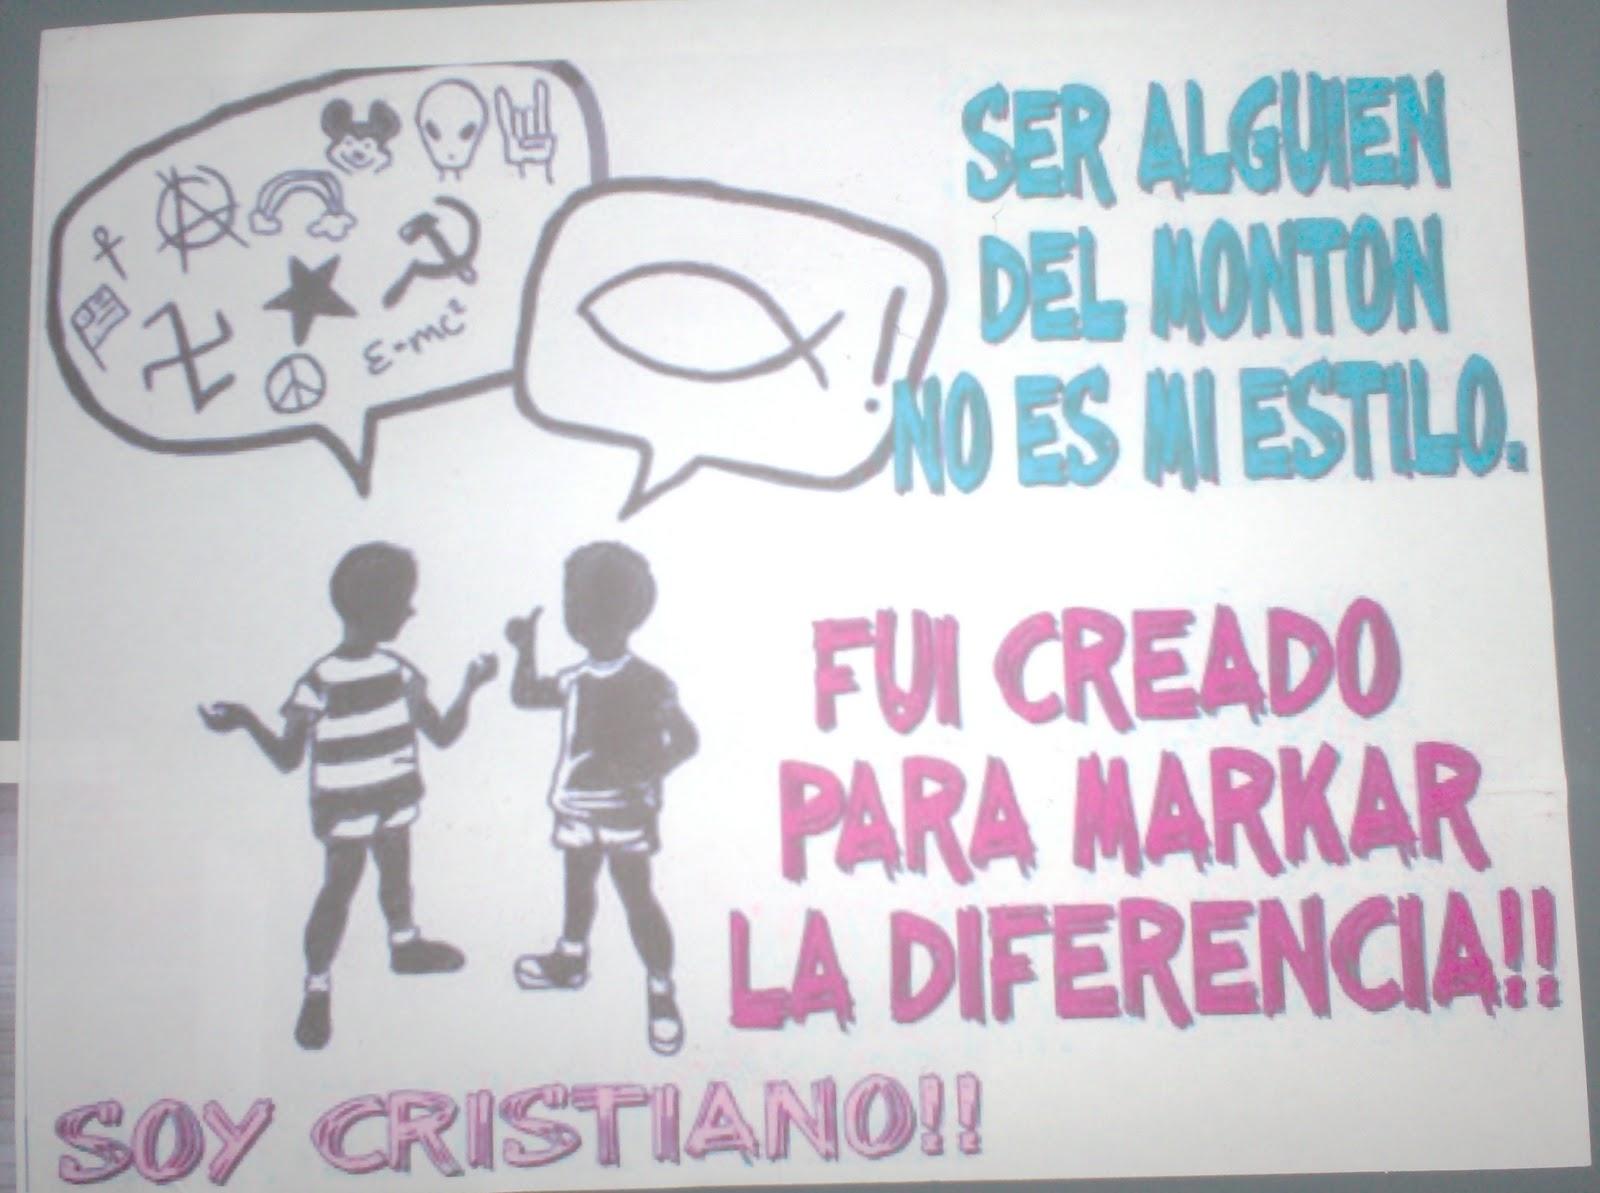 Devociones cristianas para chicas adolescentes